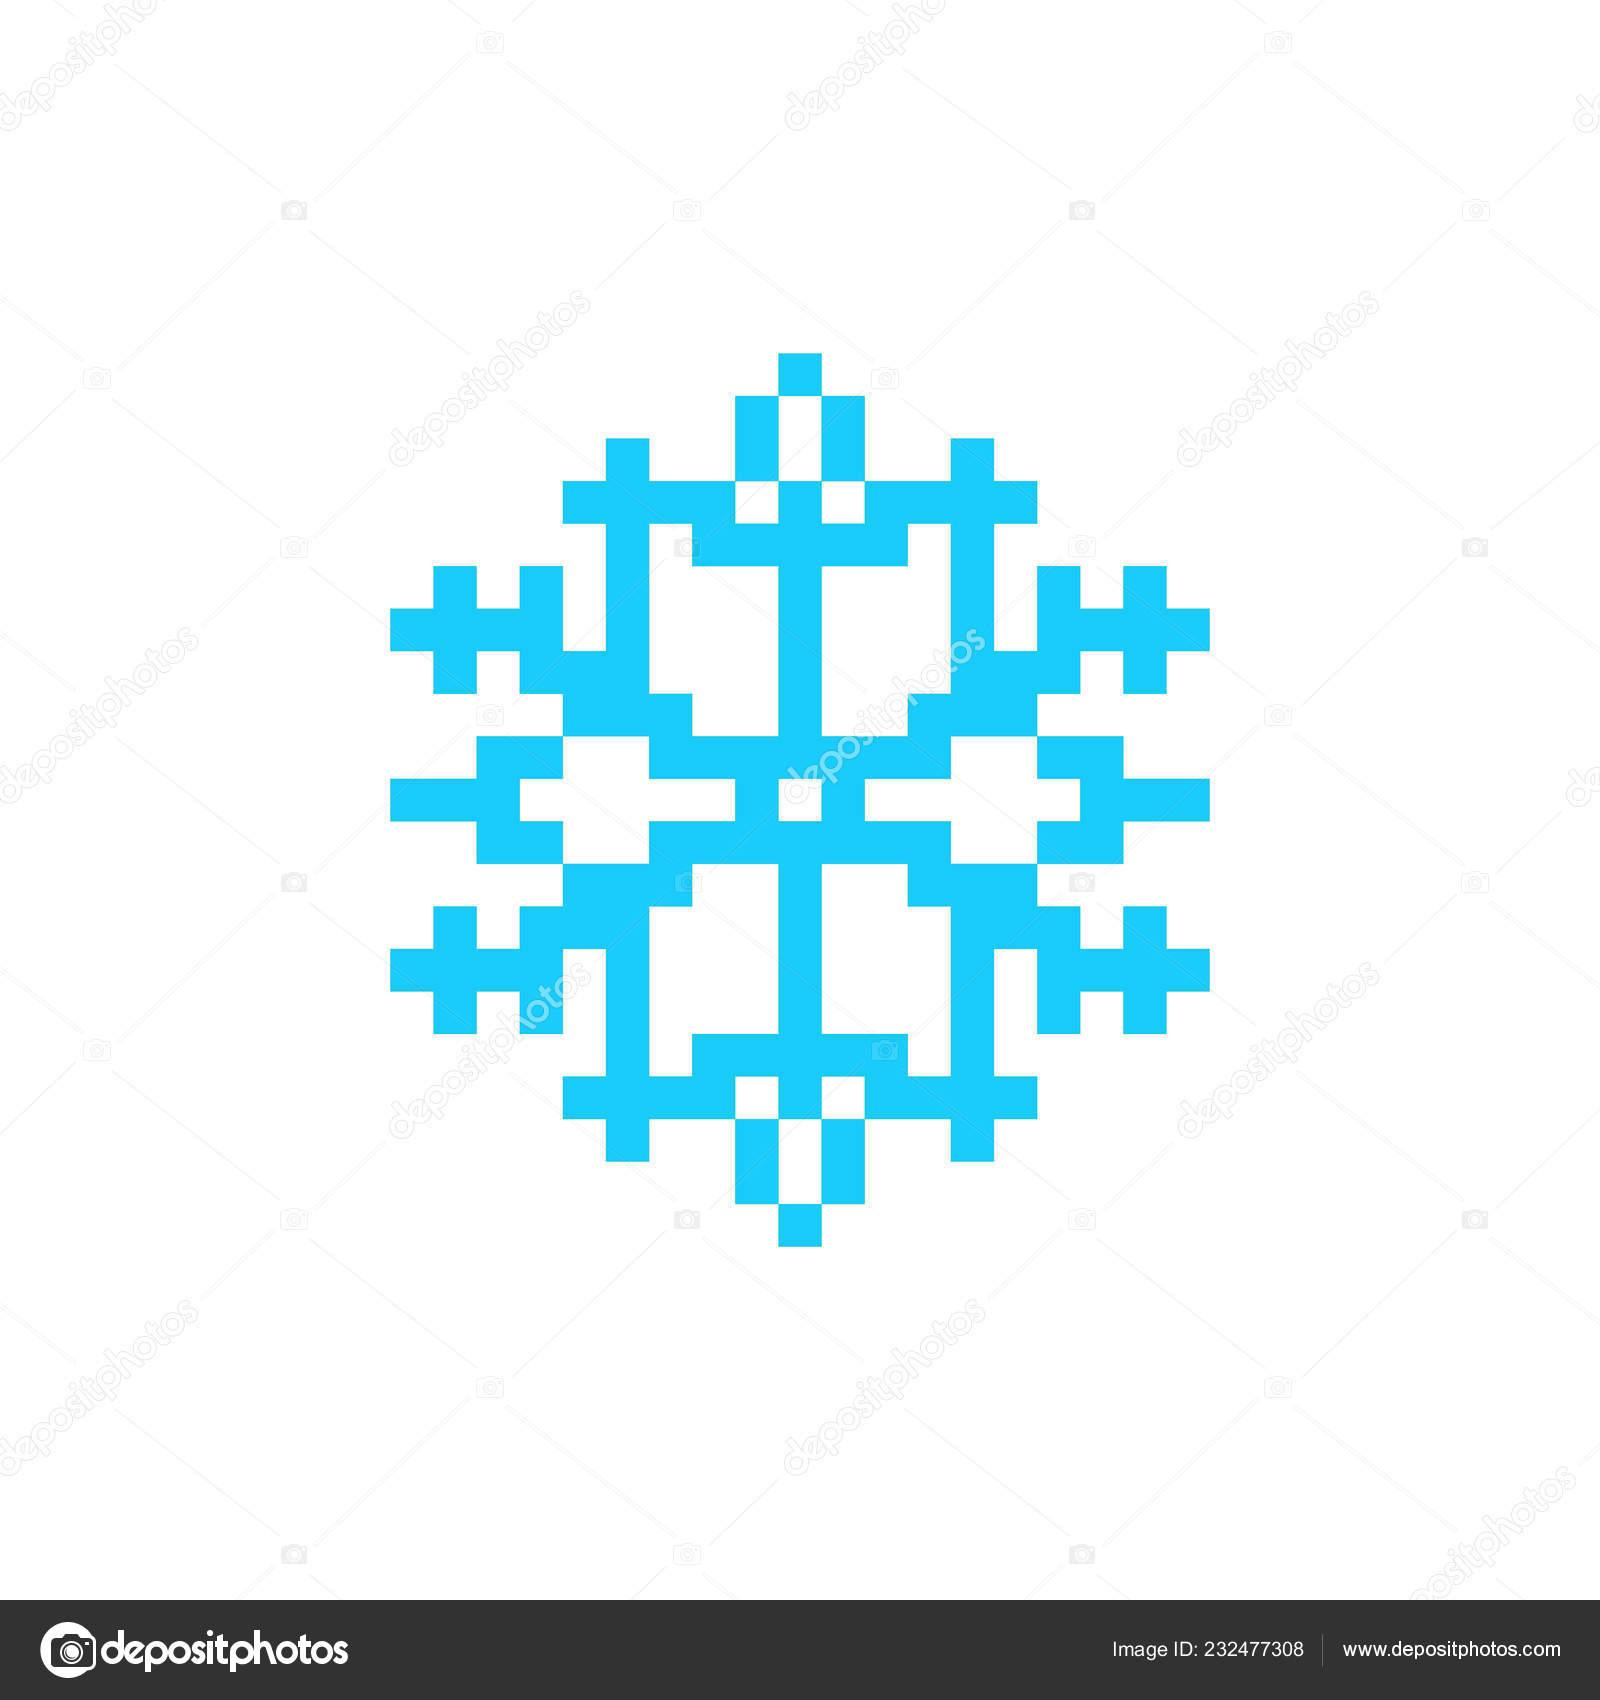 Snowflake Pixel Art Icon Snow 8bit Image Vectorielle